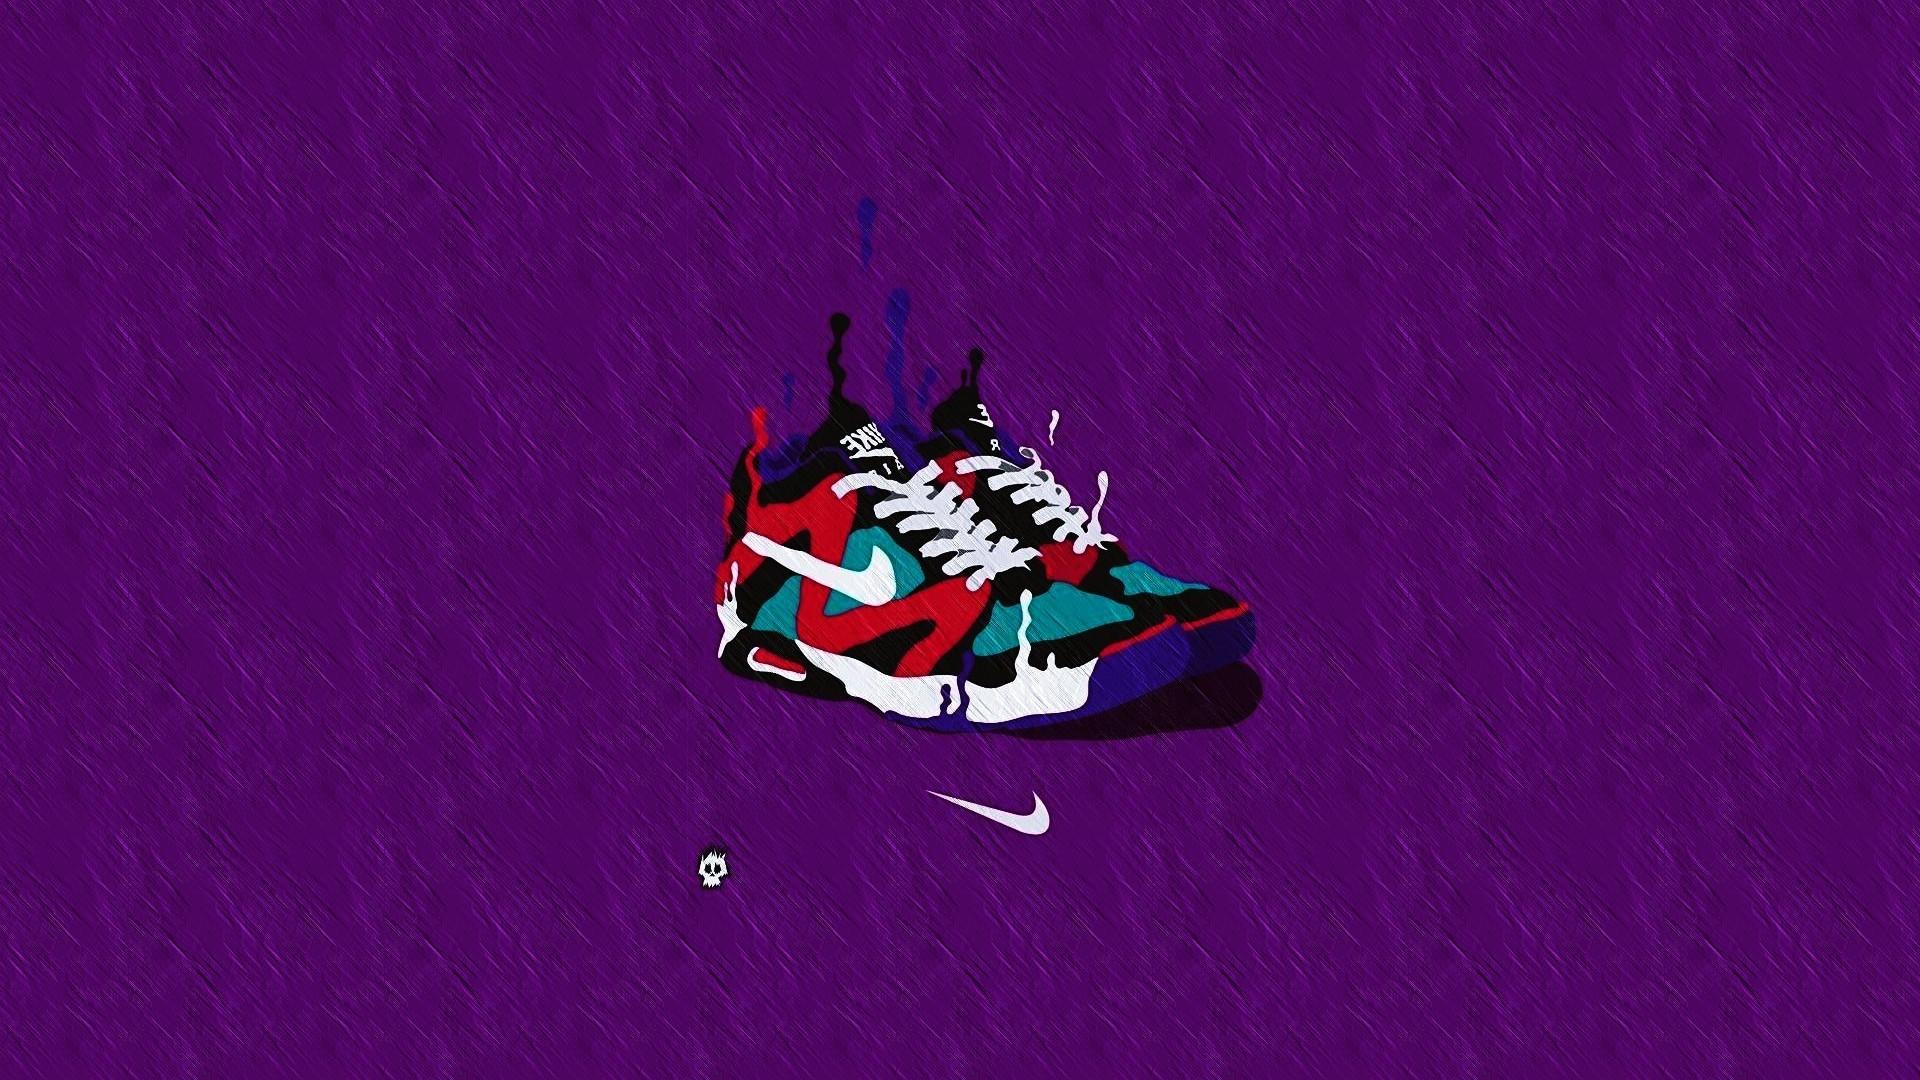 2019 auténtico vívido y de gran estilo mejor precio para Sneaker Art Wallpaper (62+ images)